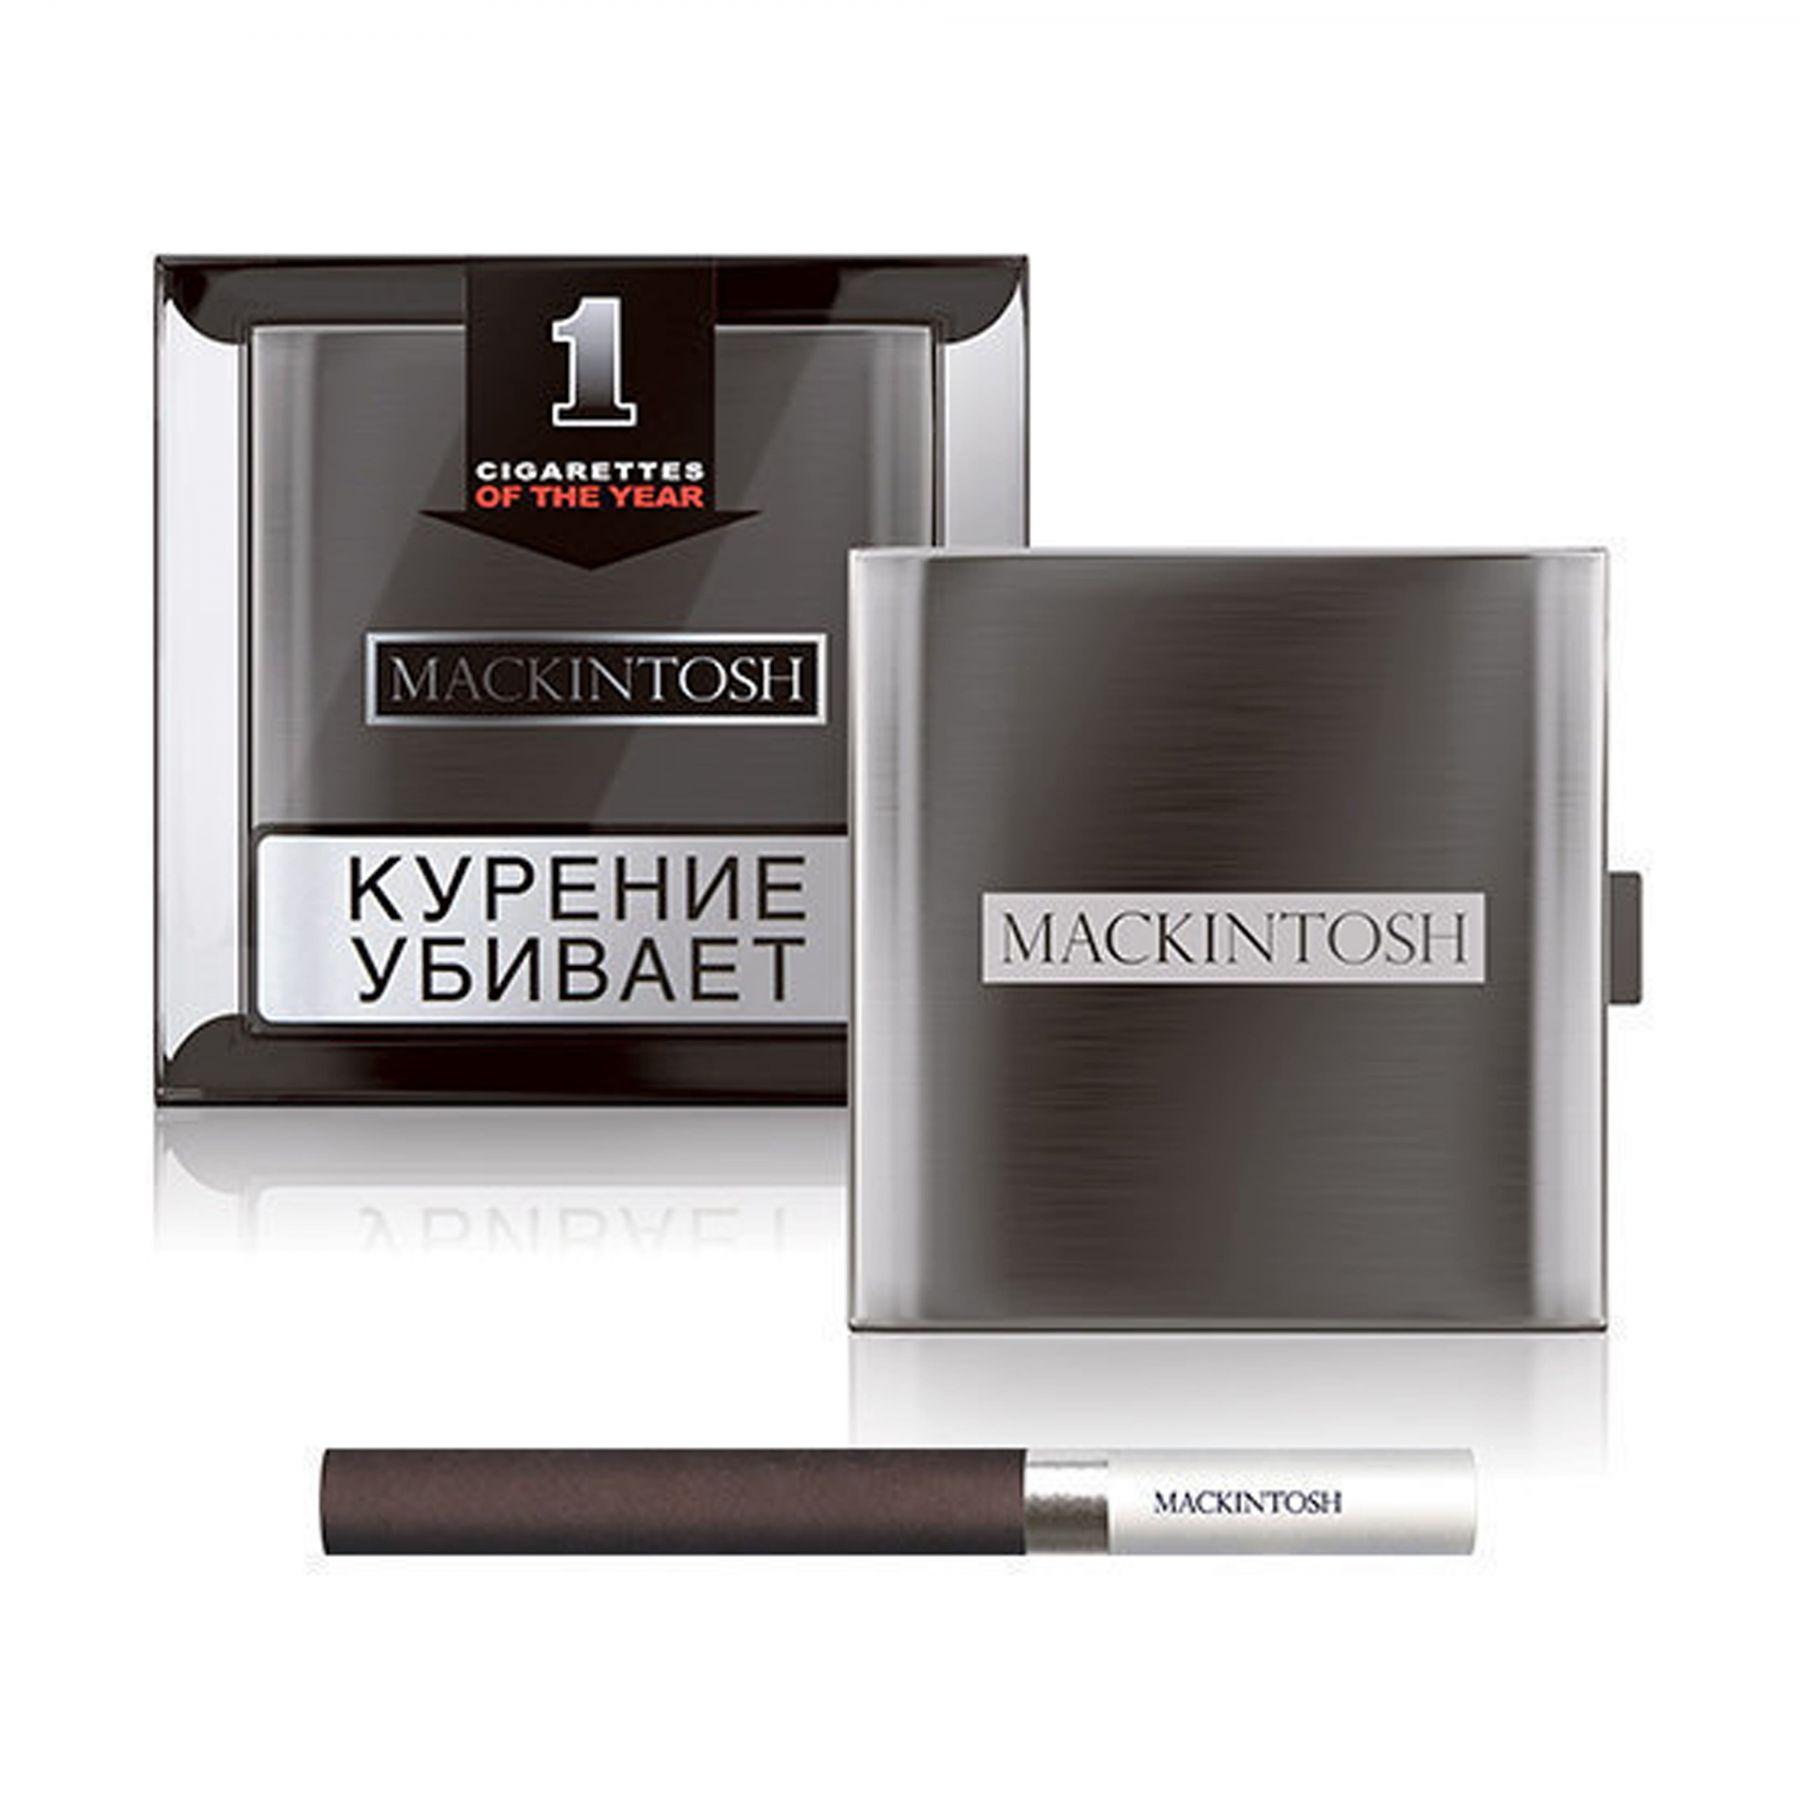 Сигареты mackintosh купить спб табак dark side опт